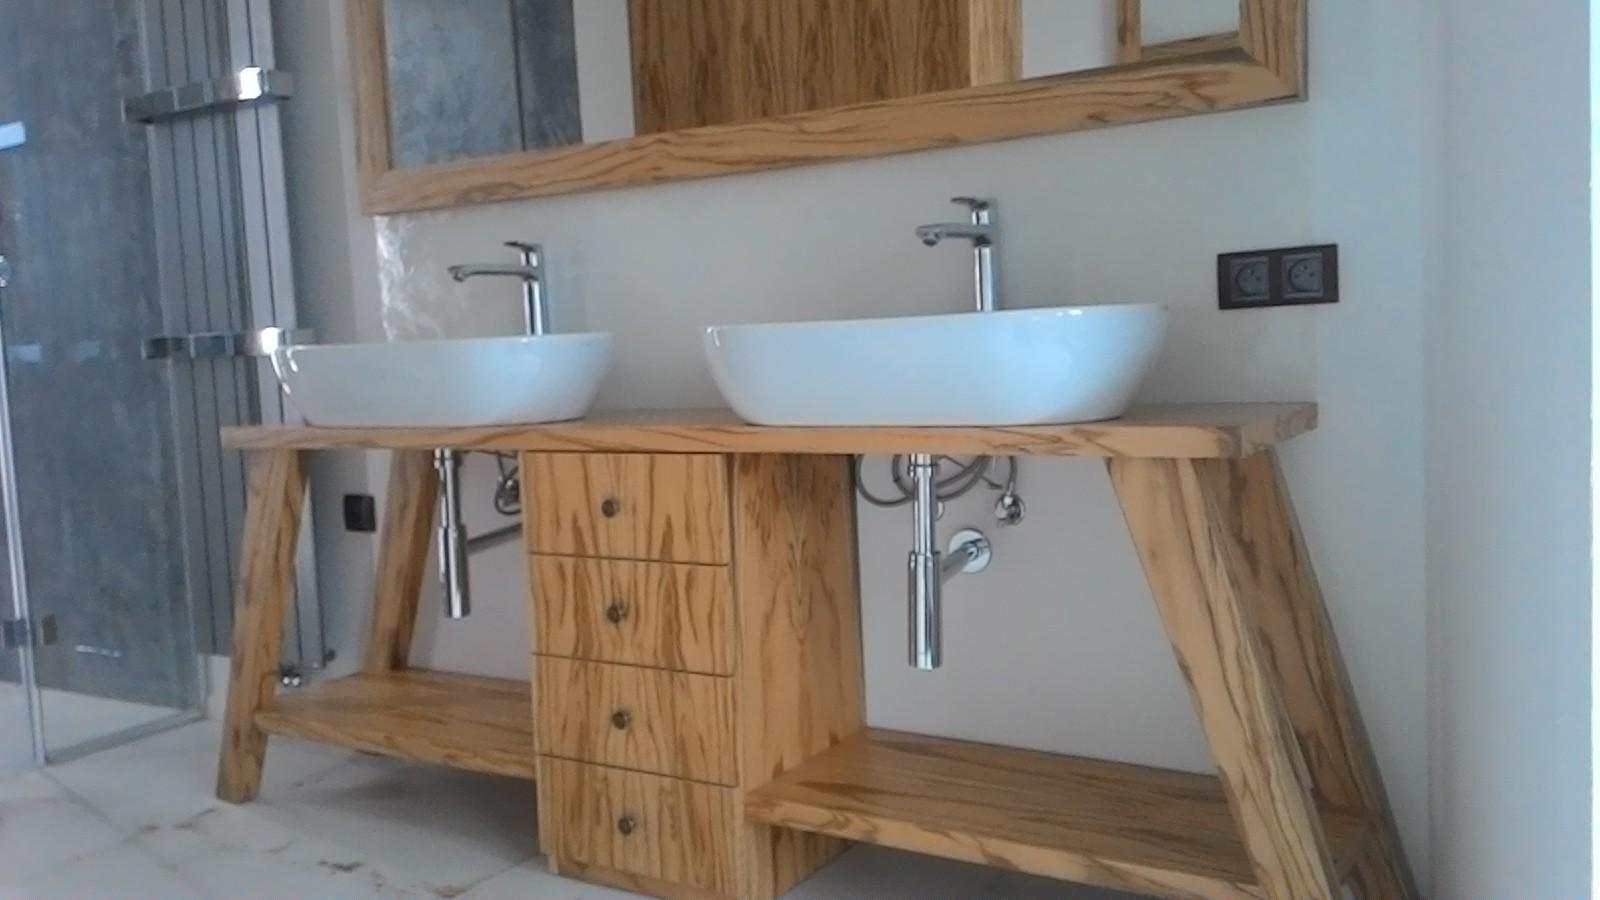 Koupelnovy nábytek může být... - Obrázek č. 2